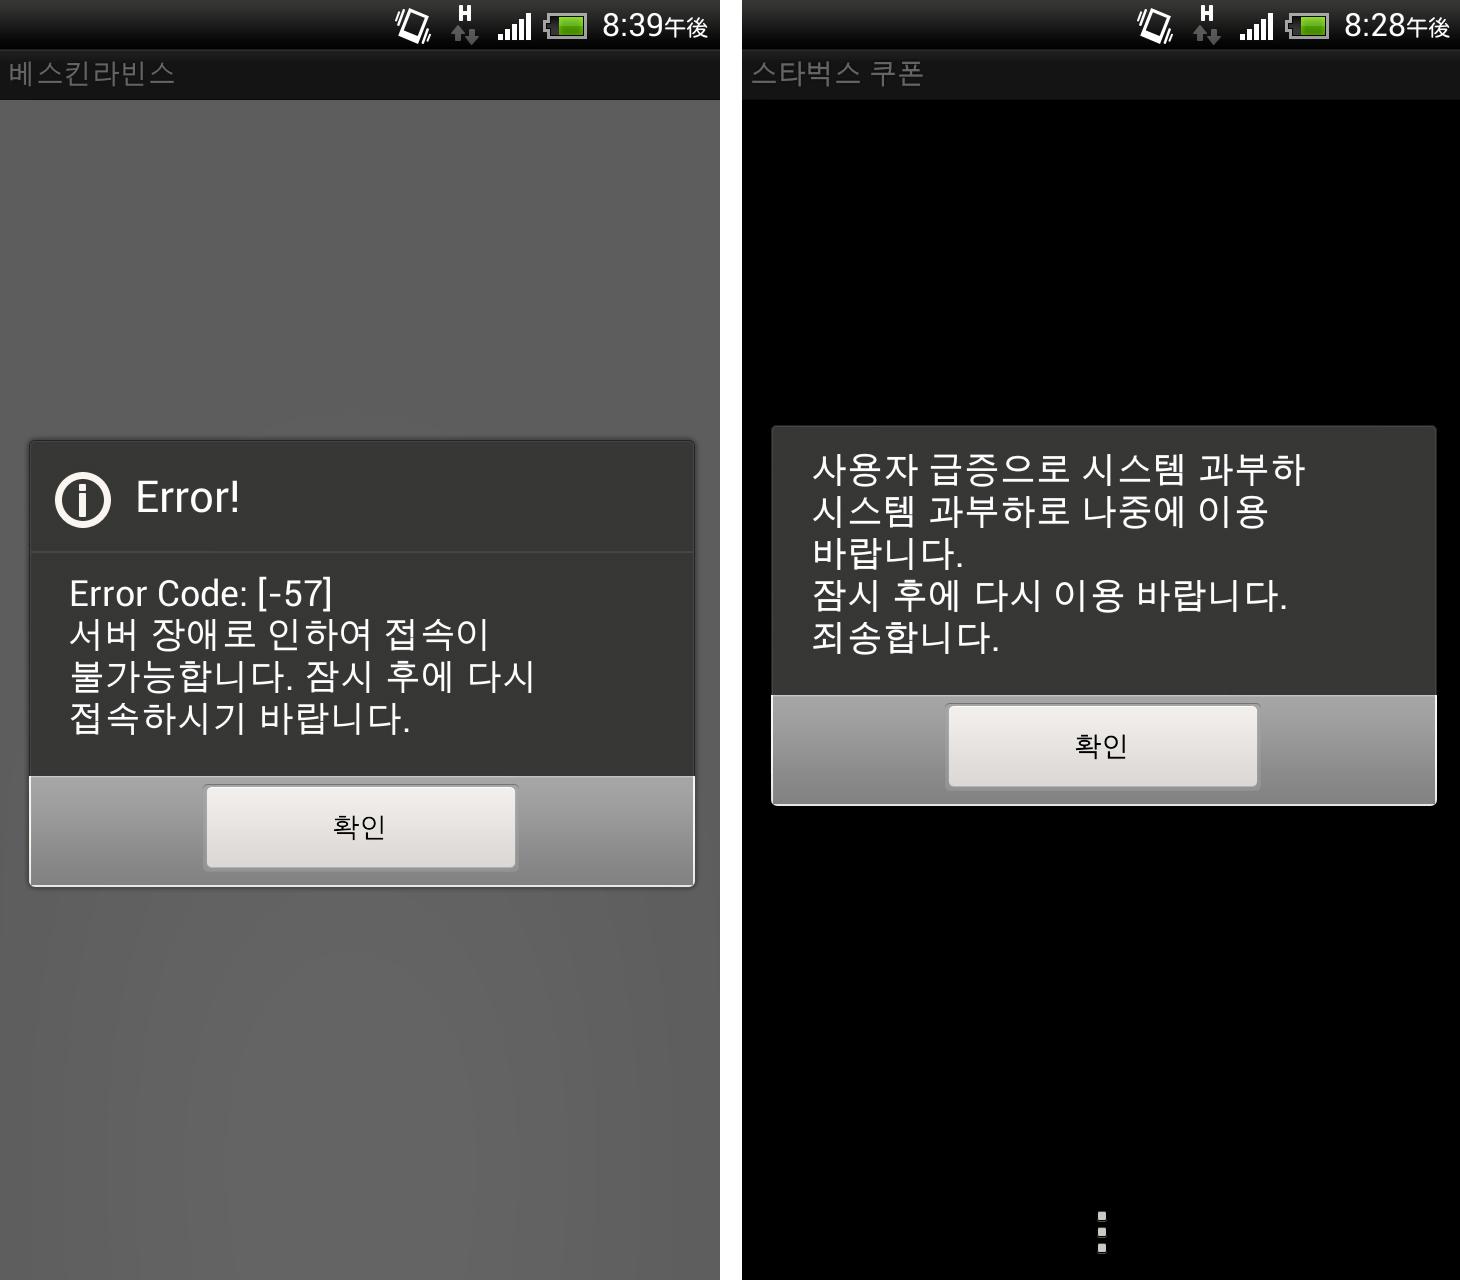 図3:「ANDROIDOS_FAKEGUARD.A」におけるアプリ起動時の画面(左)。「ANDROIDOS_SMSILENCE.A」におけるアプリ起動時の画面(右)